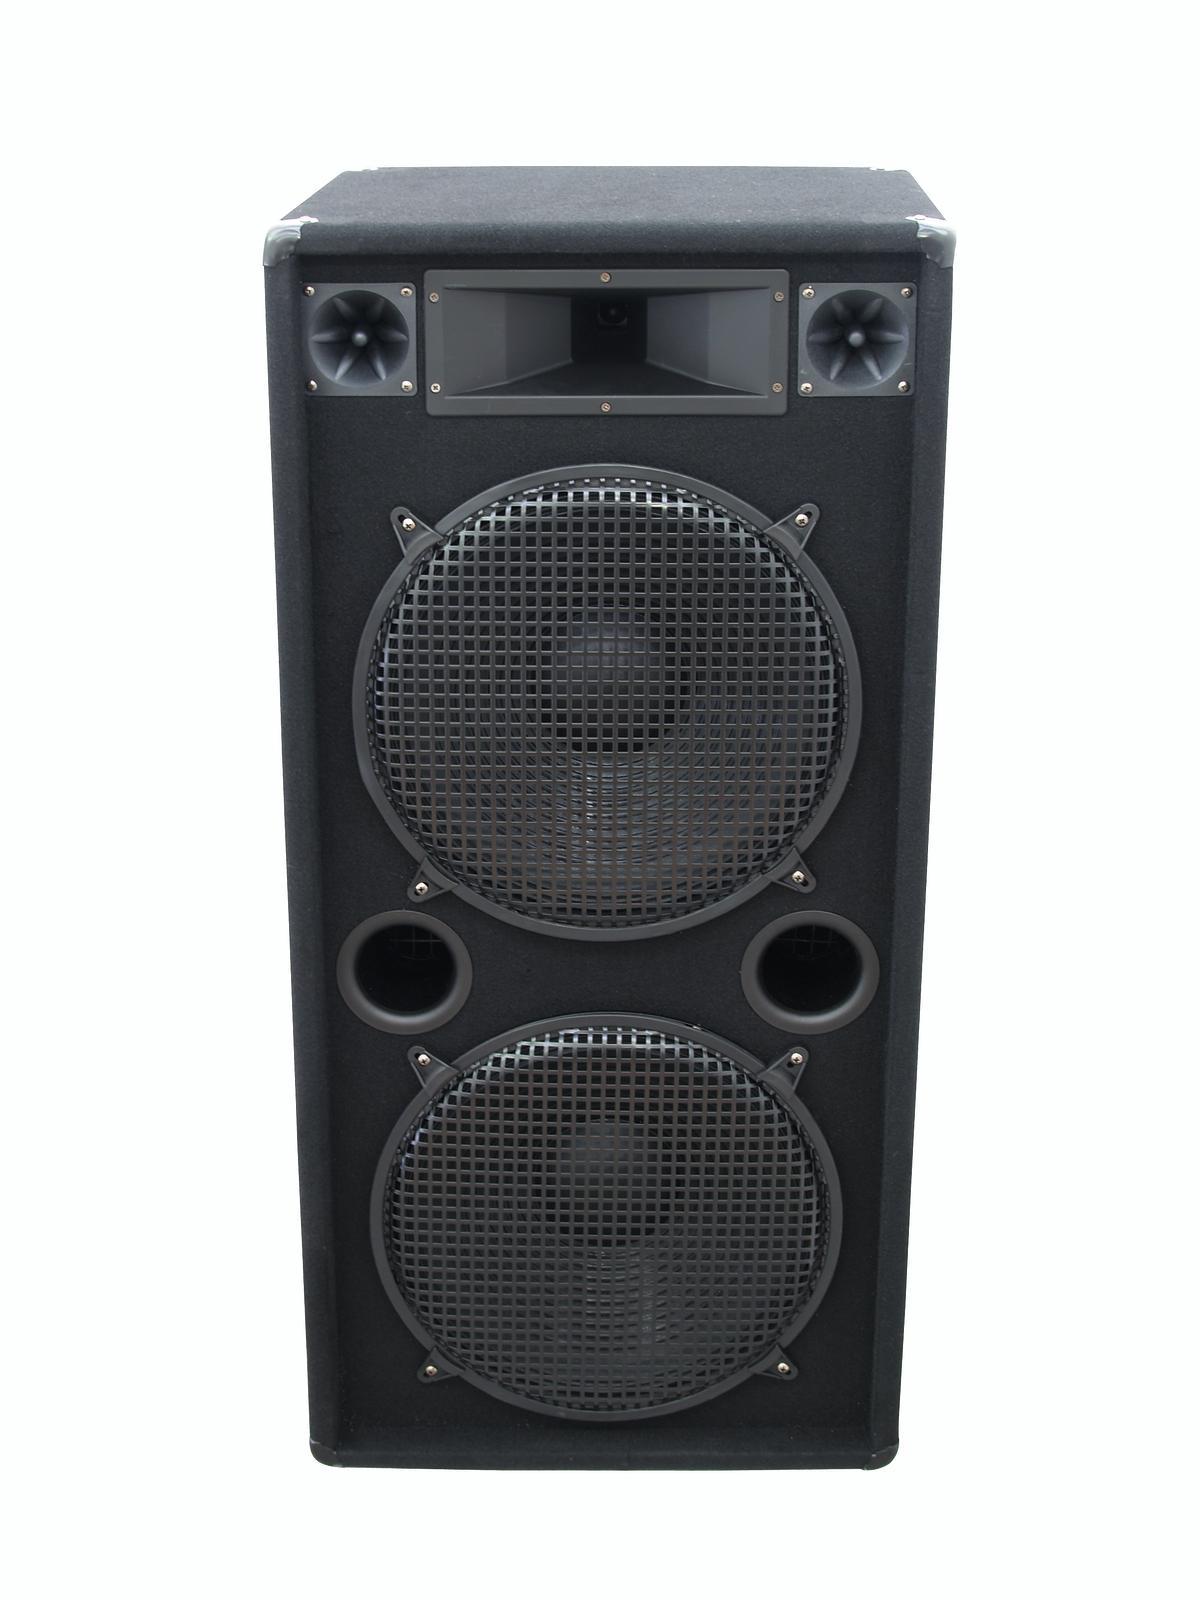 OMNITRONIC DX-2522 3-Wege Box 1200 W